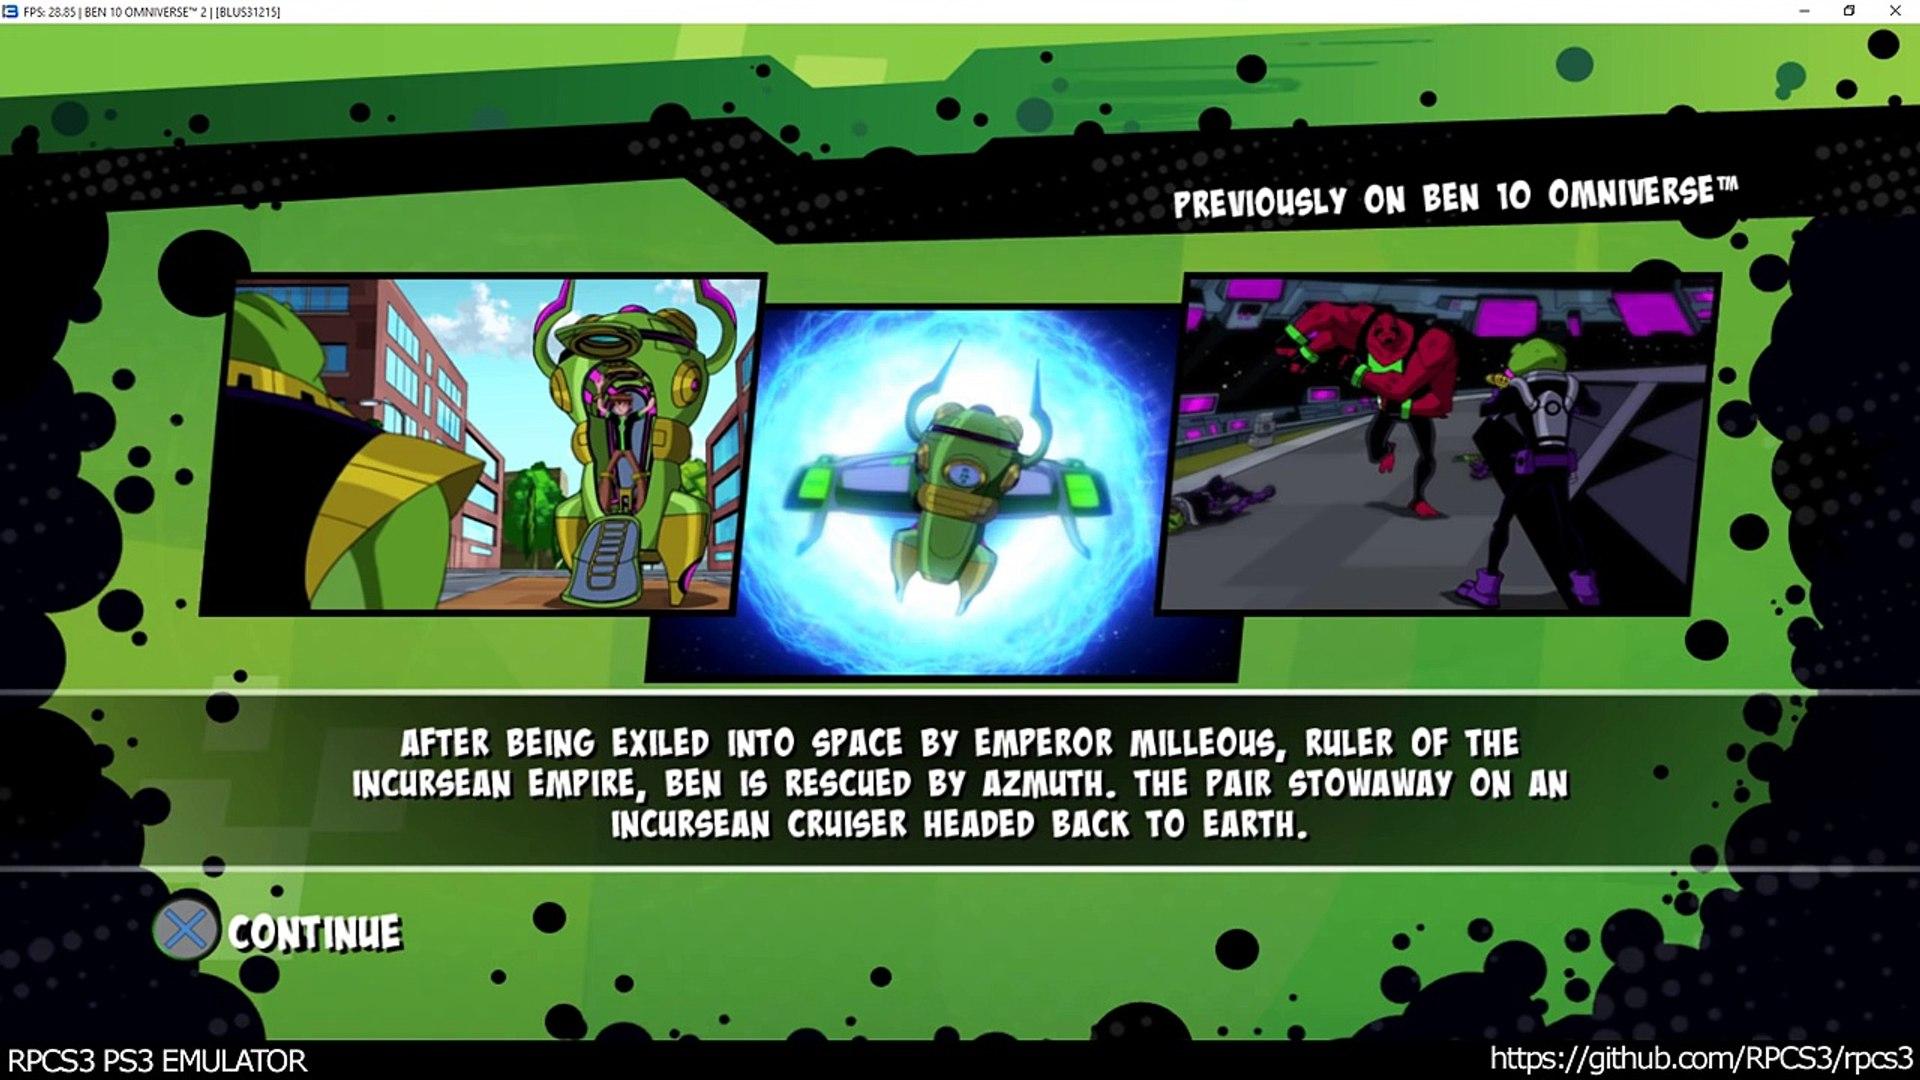 RPCS3 PS3 Emulator - Ben 10 Omniverse 2 Ingame! DX12